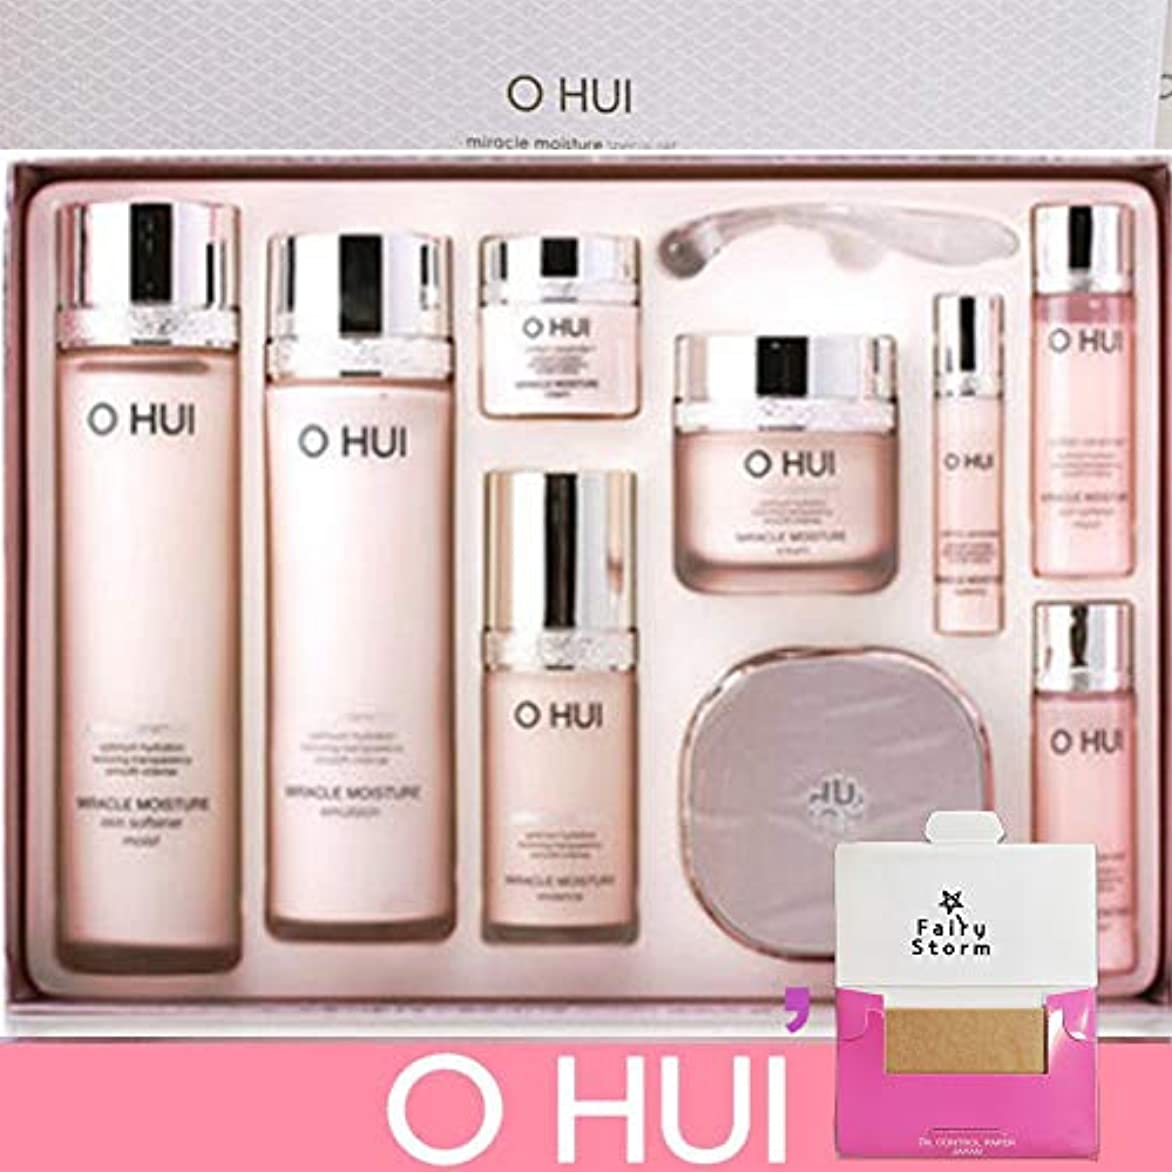 わずかに引き潮独占[オフィ/ O HUI]韓国化粧品 LG生活健康/ O HUI MIRACLE MOISTURE SPECIAL SET/ミラクルモイスチャー スペシャル 4種 企画セット + [Sample Gift](海外直送品)